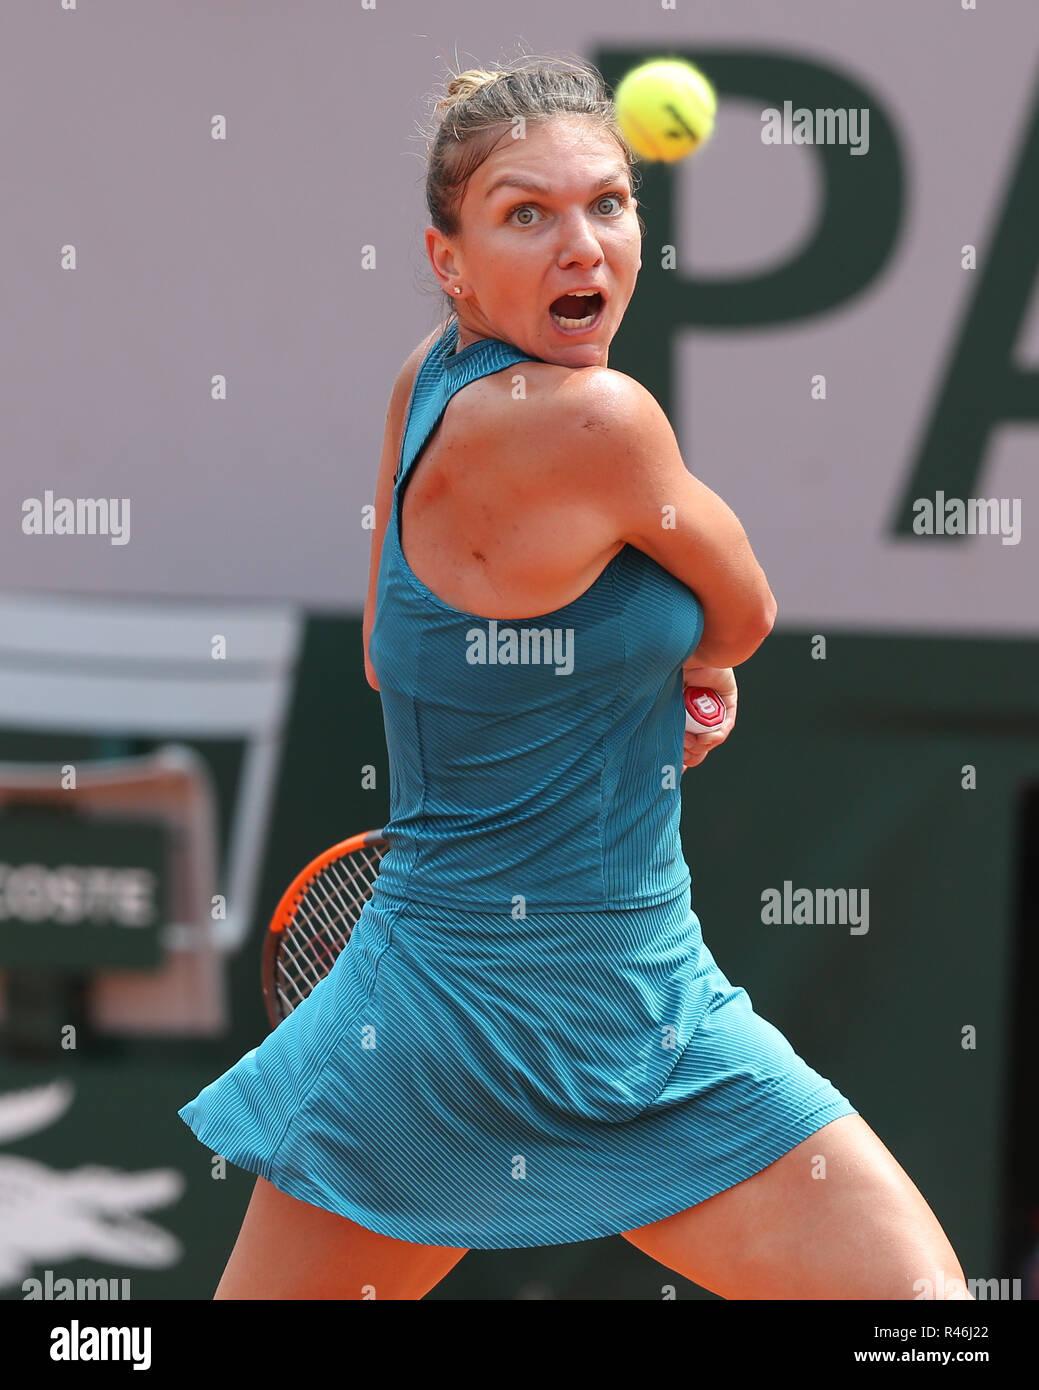 Rumänische Tennisspieler Simona Halep in Aktion bei den French Open 2018, Paris, Frankreich Stockbild